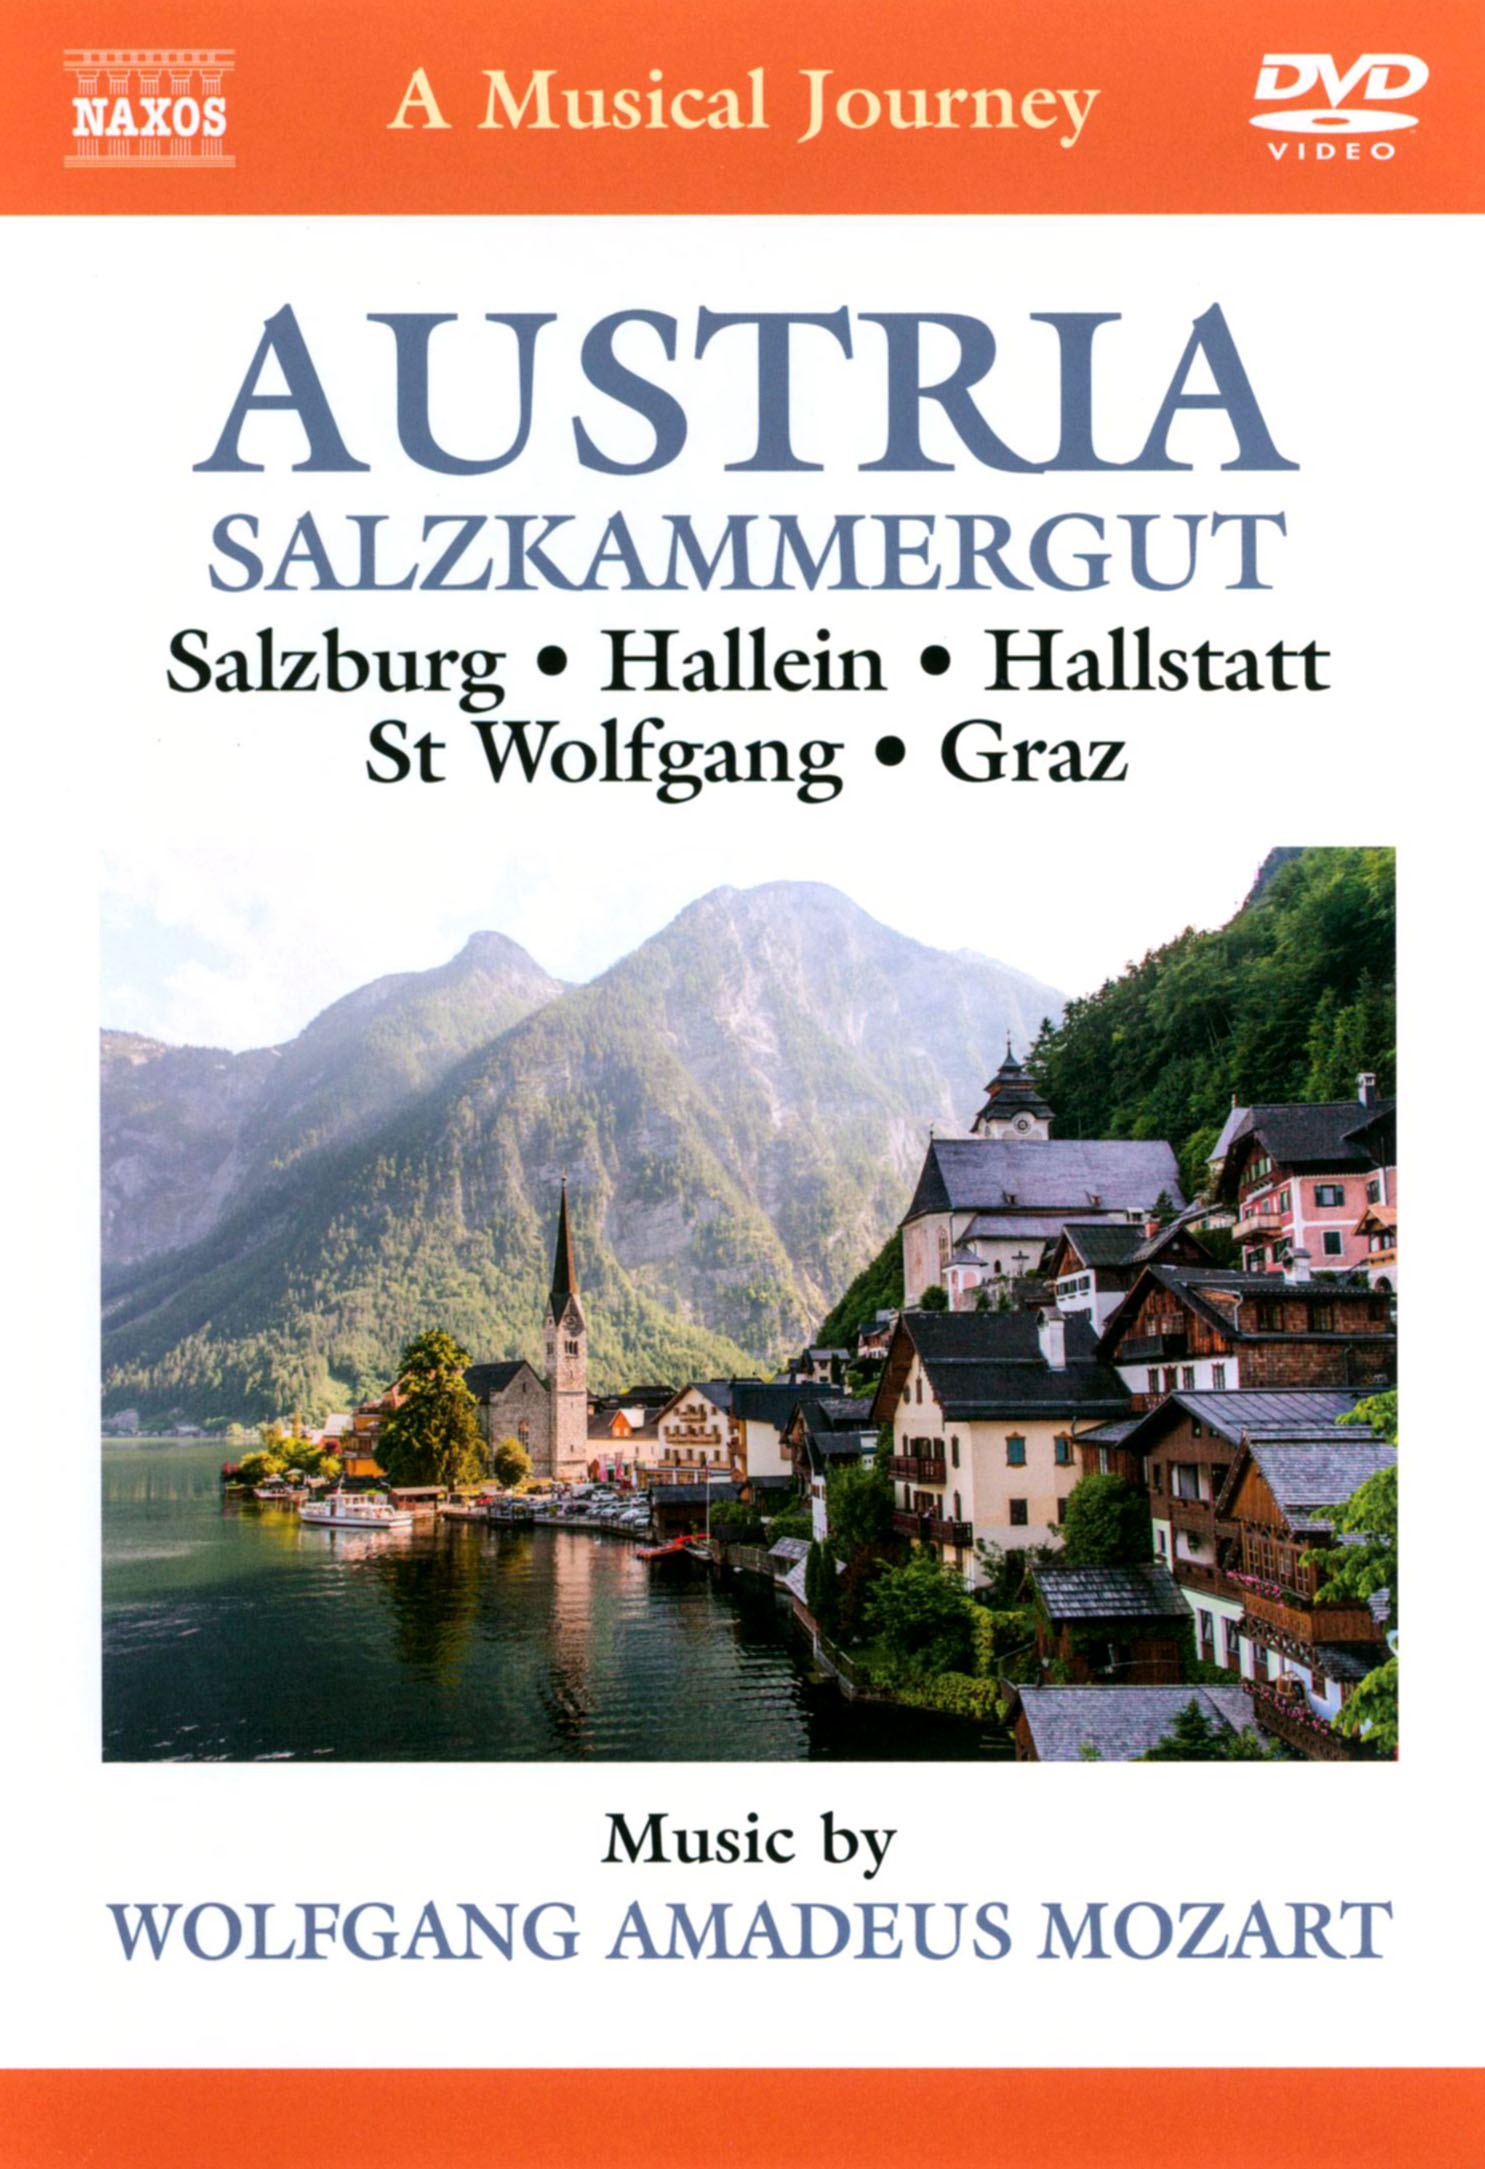 A Musical Journey: Austria - Salzkammergut